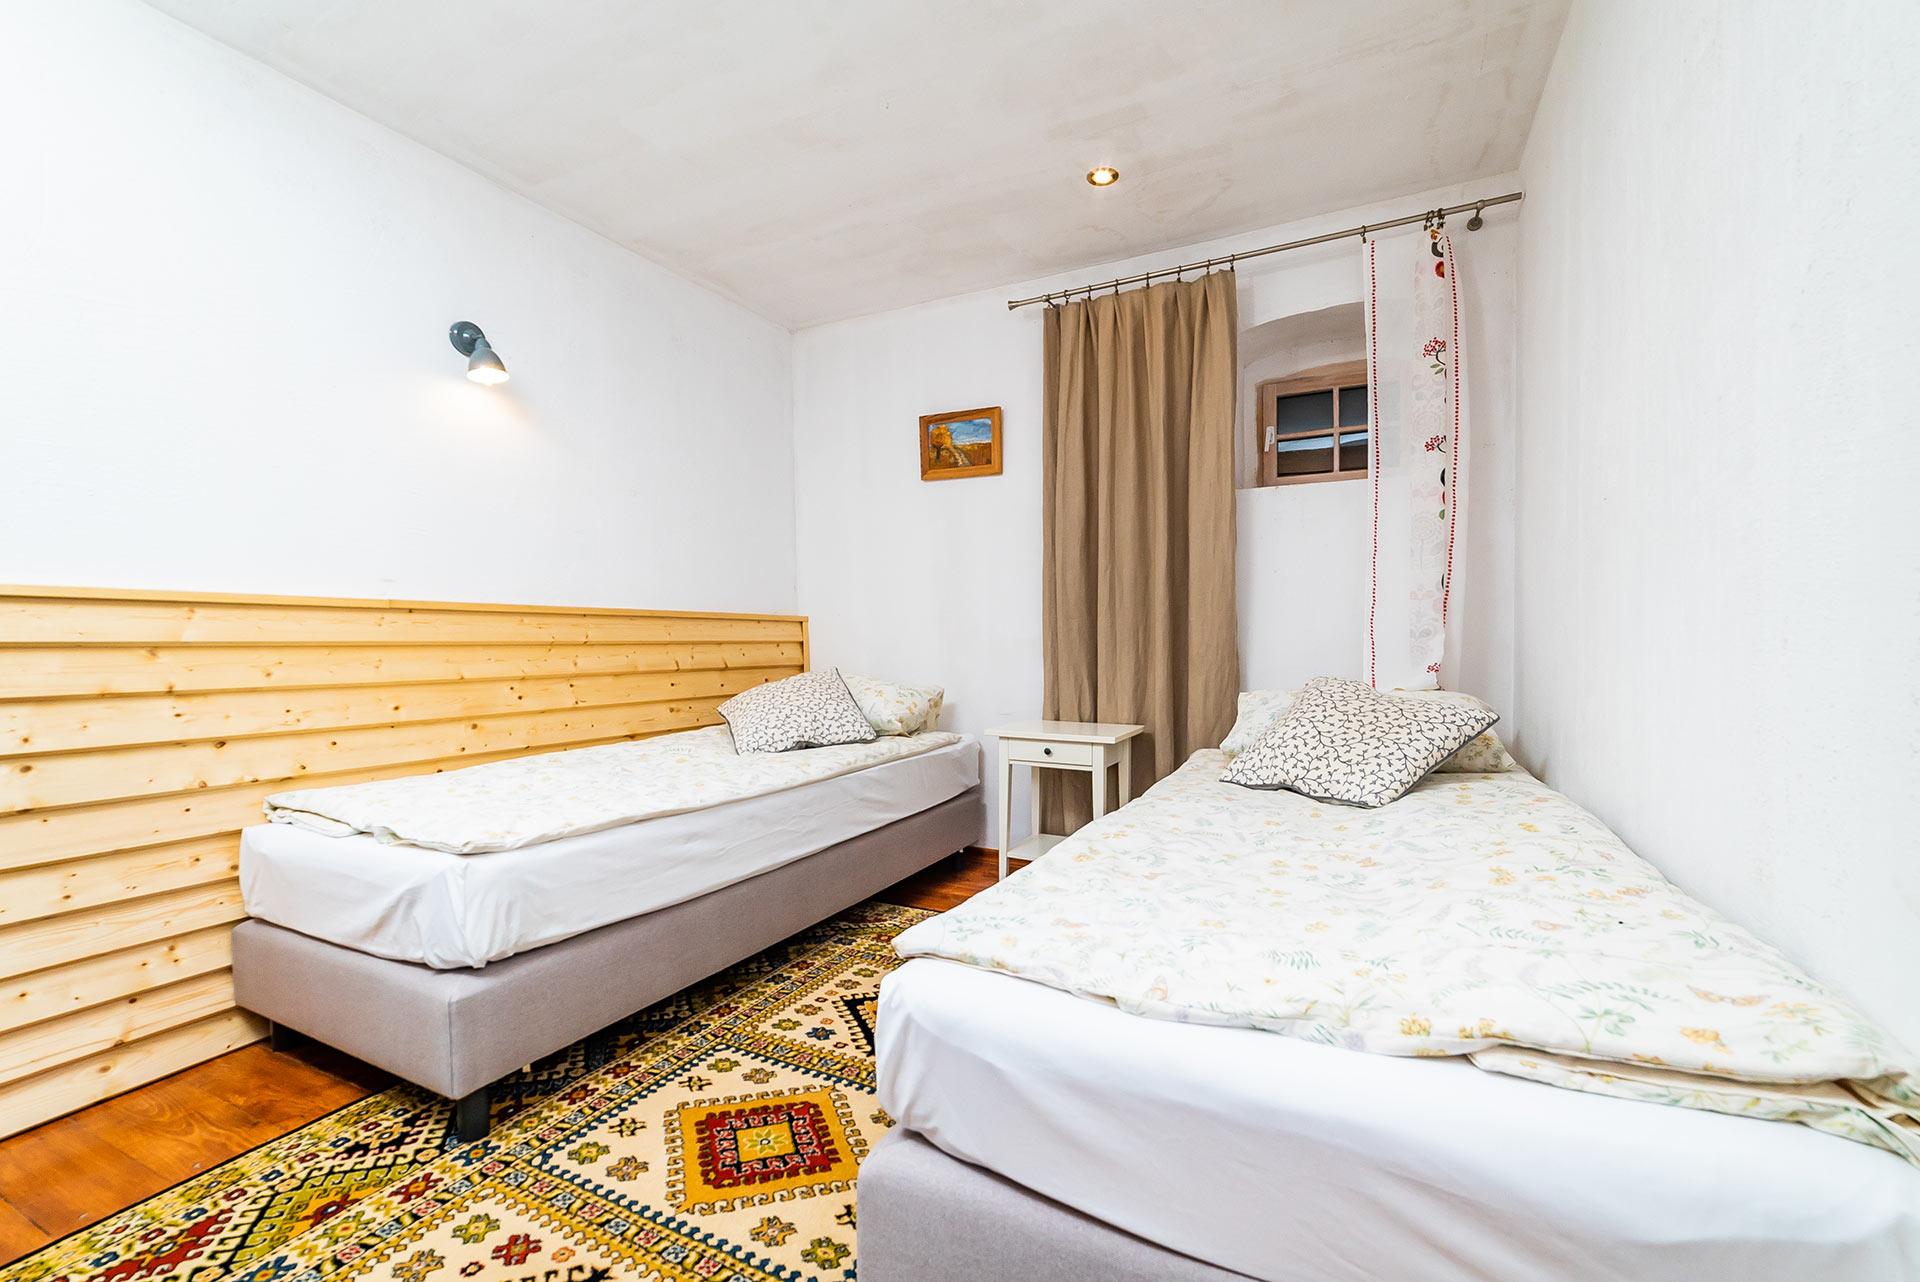 apartament Bocian